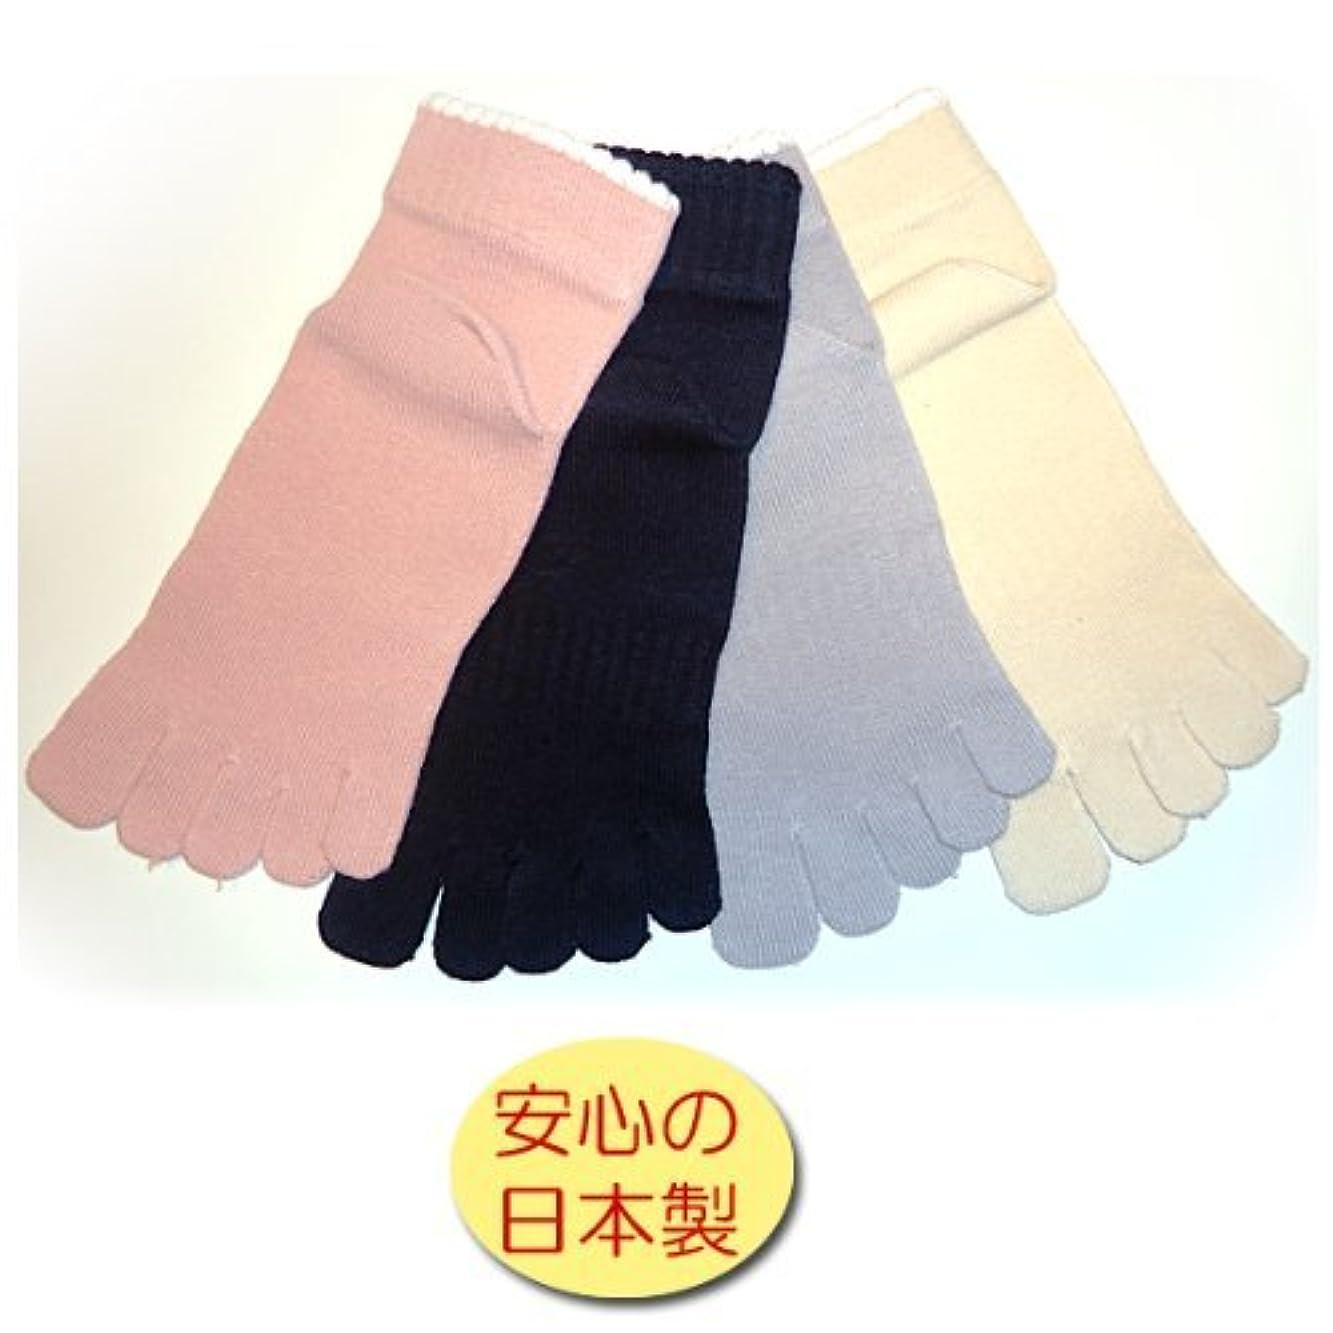 警察署ステーキ問題日本製 5本指ソックス ショートソックス【21~25cm】 足に優しい表糸綿100%  お買得4足組